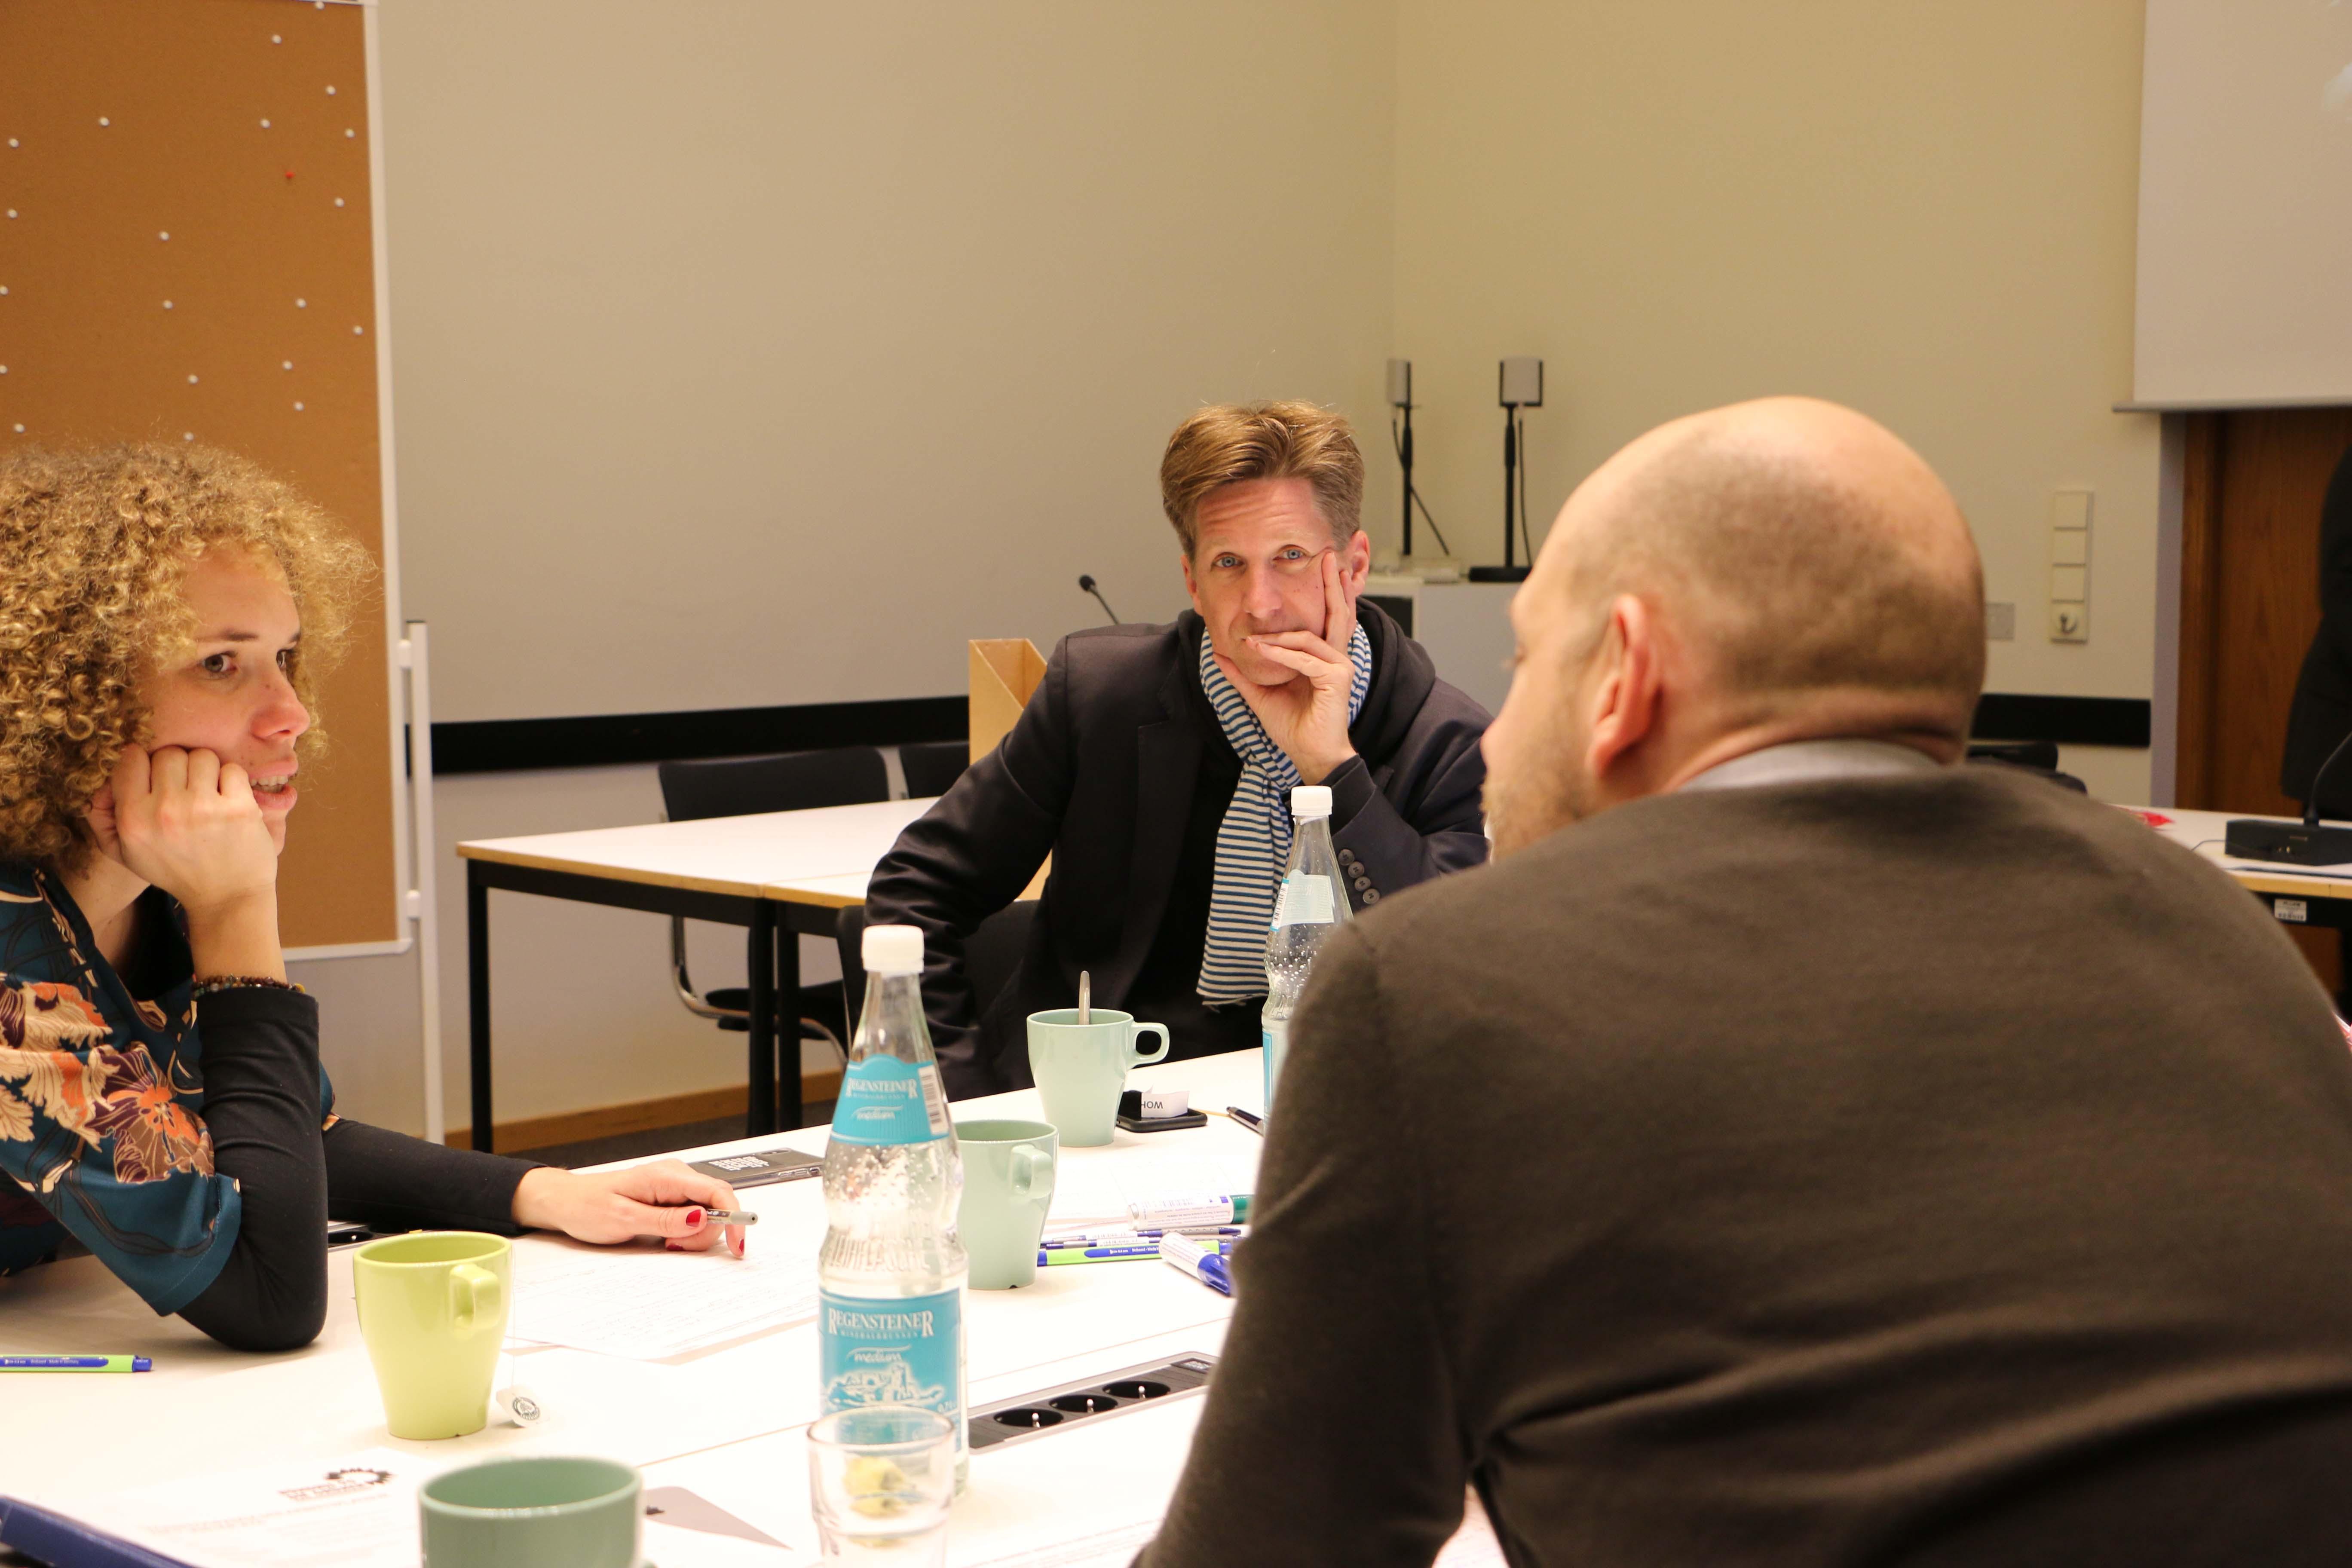 Daniel Wesener tauscht sich aus und stimmt sich gemeinsam mit der Fraktion auf das Jahr 2019 ein